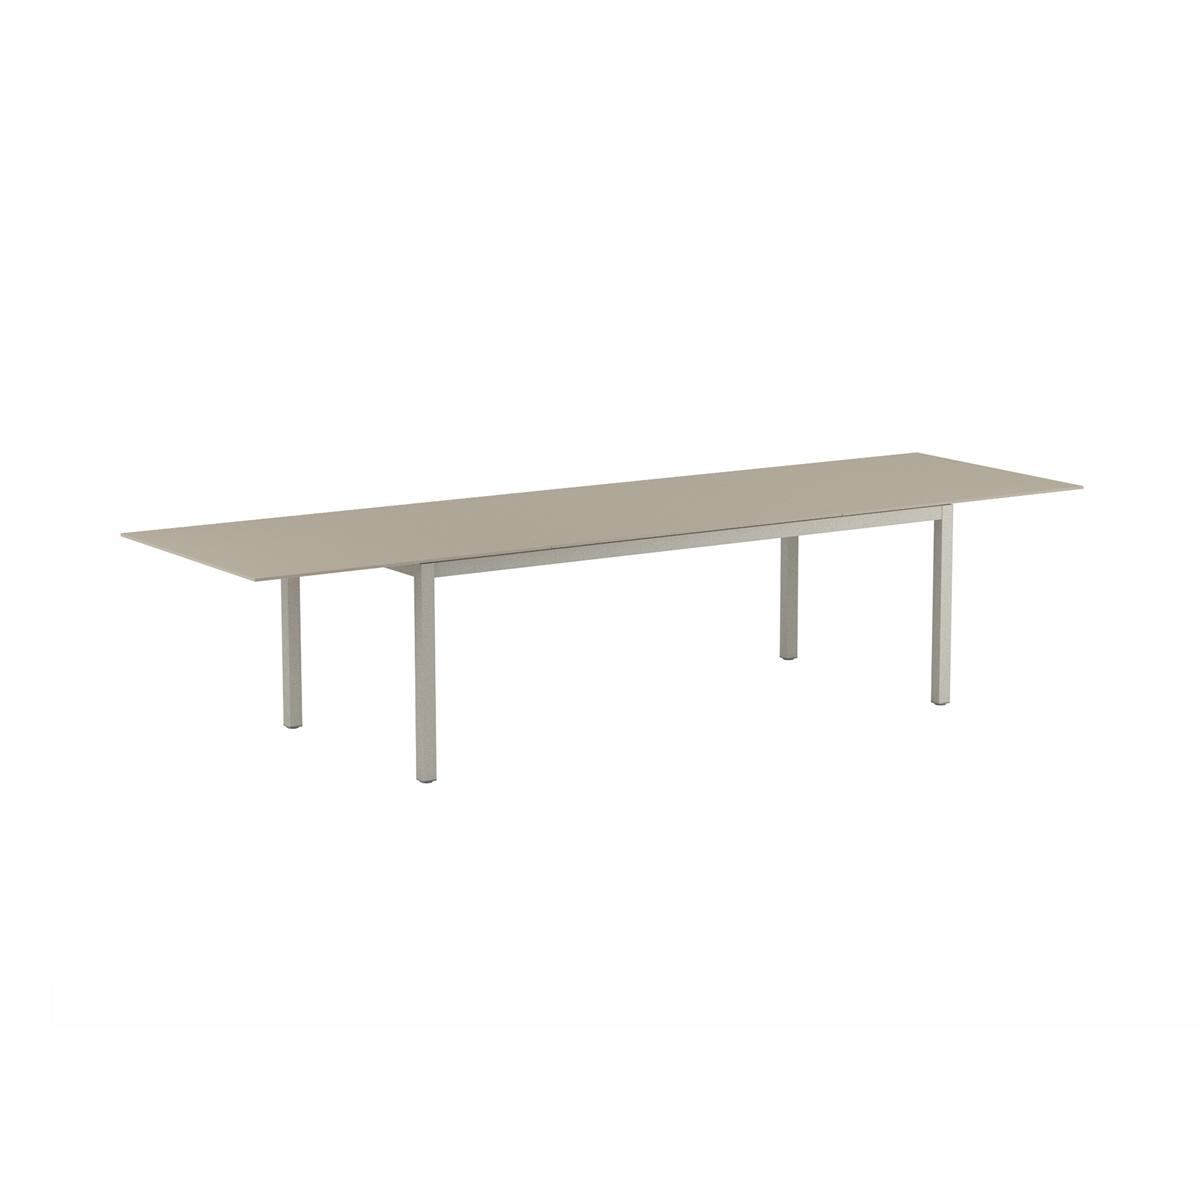 Taboela Extandable Table - на 360.ru: цены, описание, характеристики, где купить в Москве.